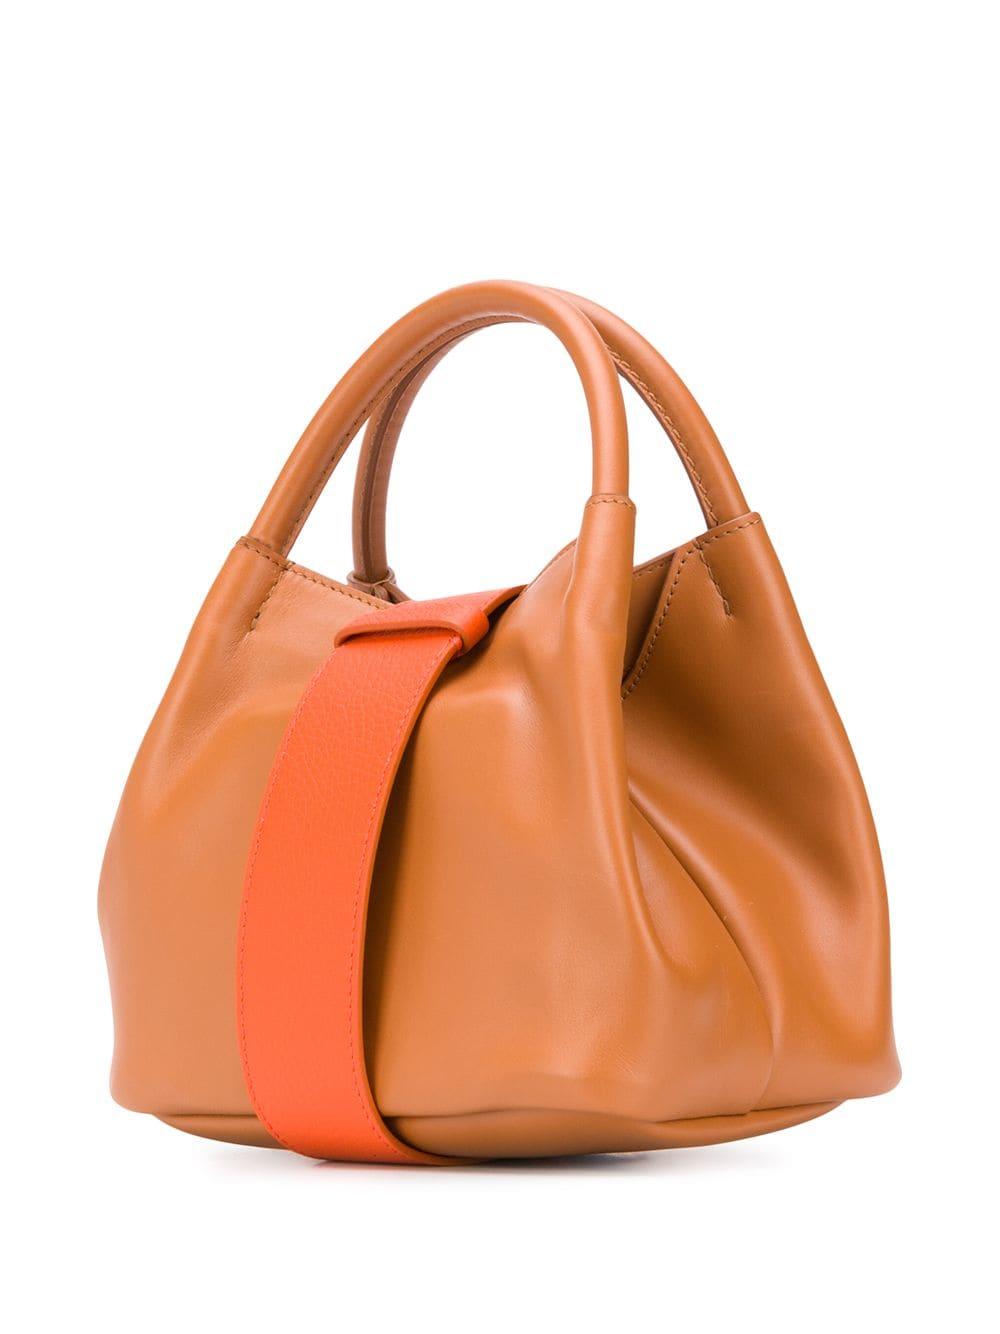 Picture of Zanellato | Zoe Small Tote Bag